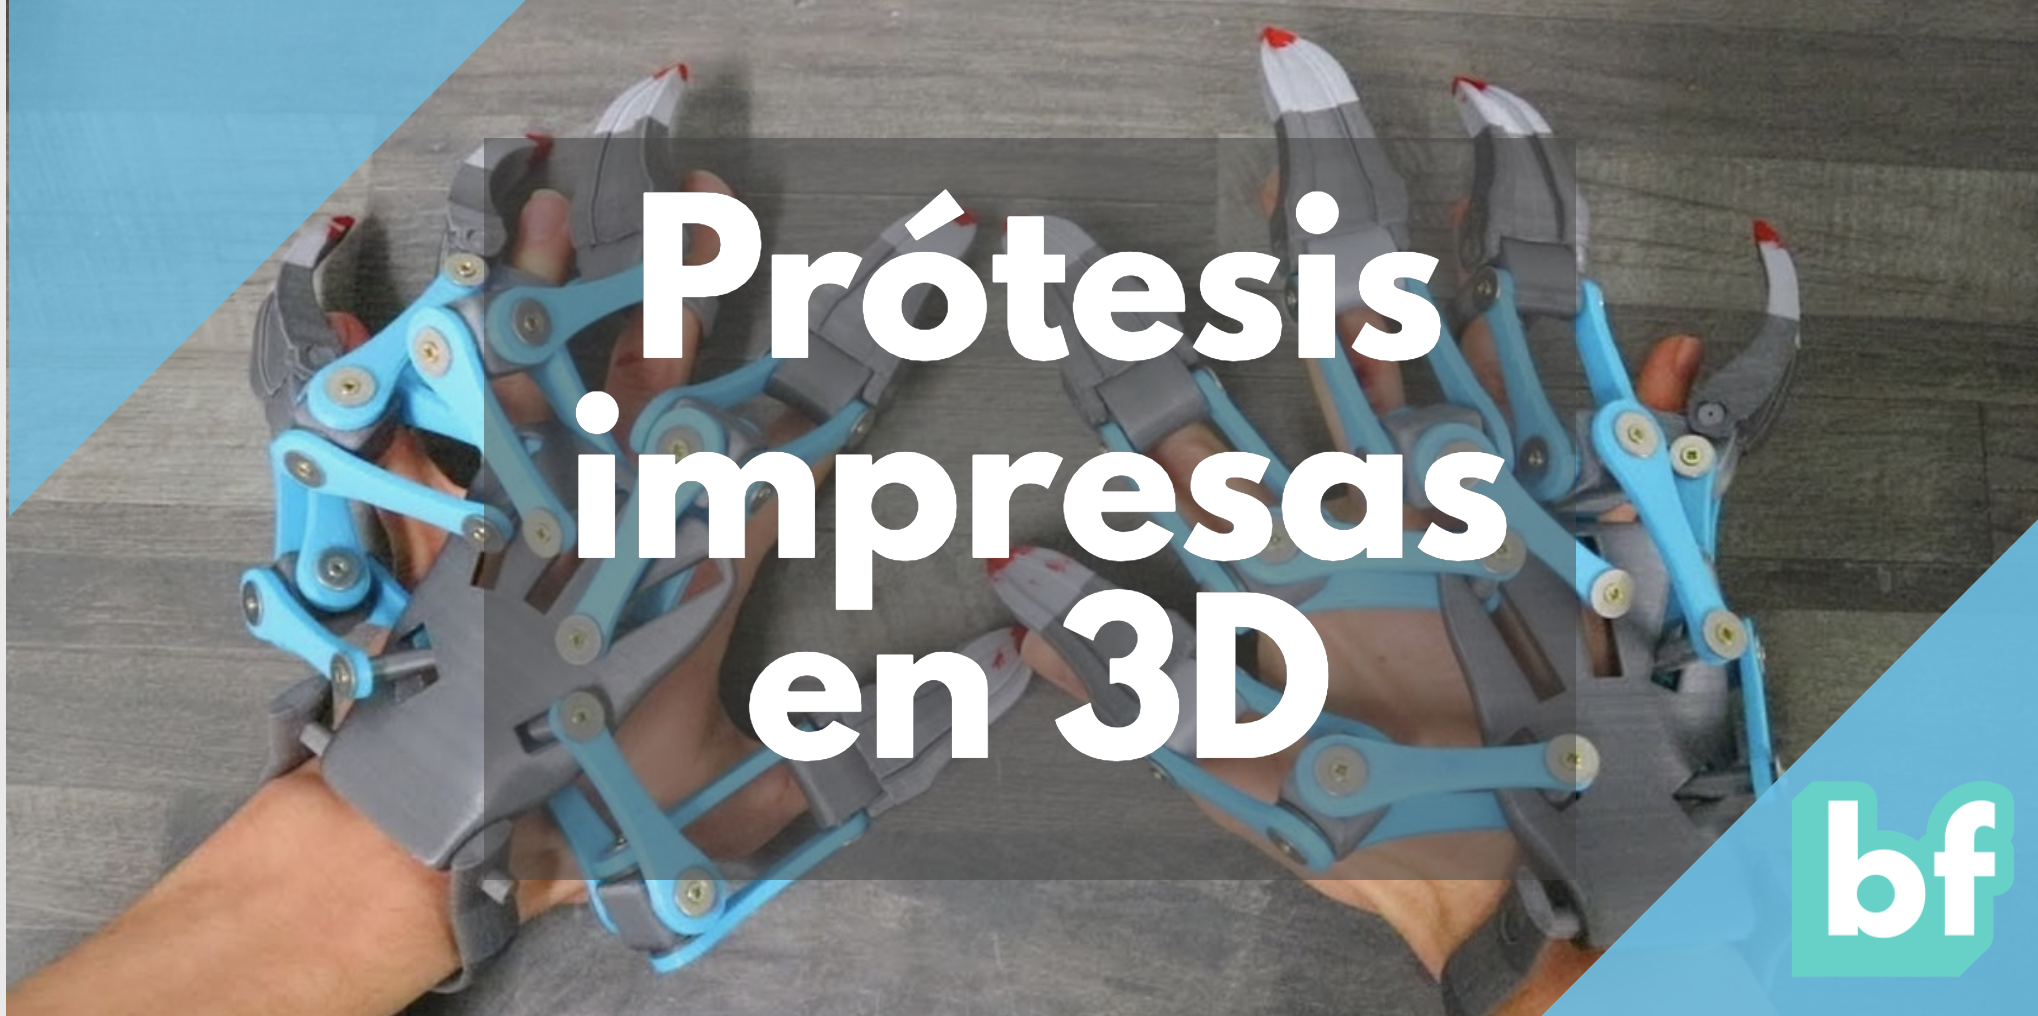 Prótesis impresión 3D